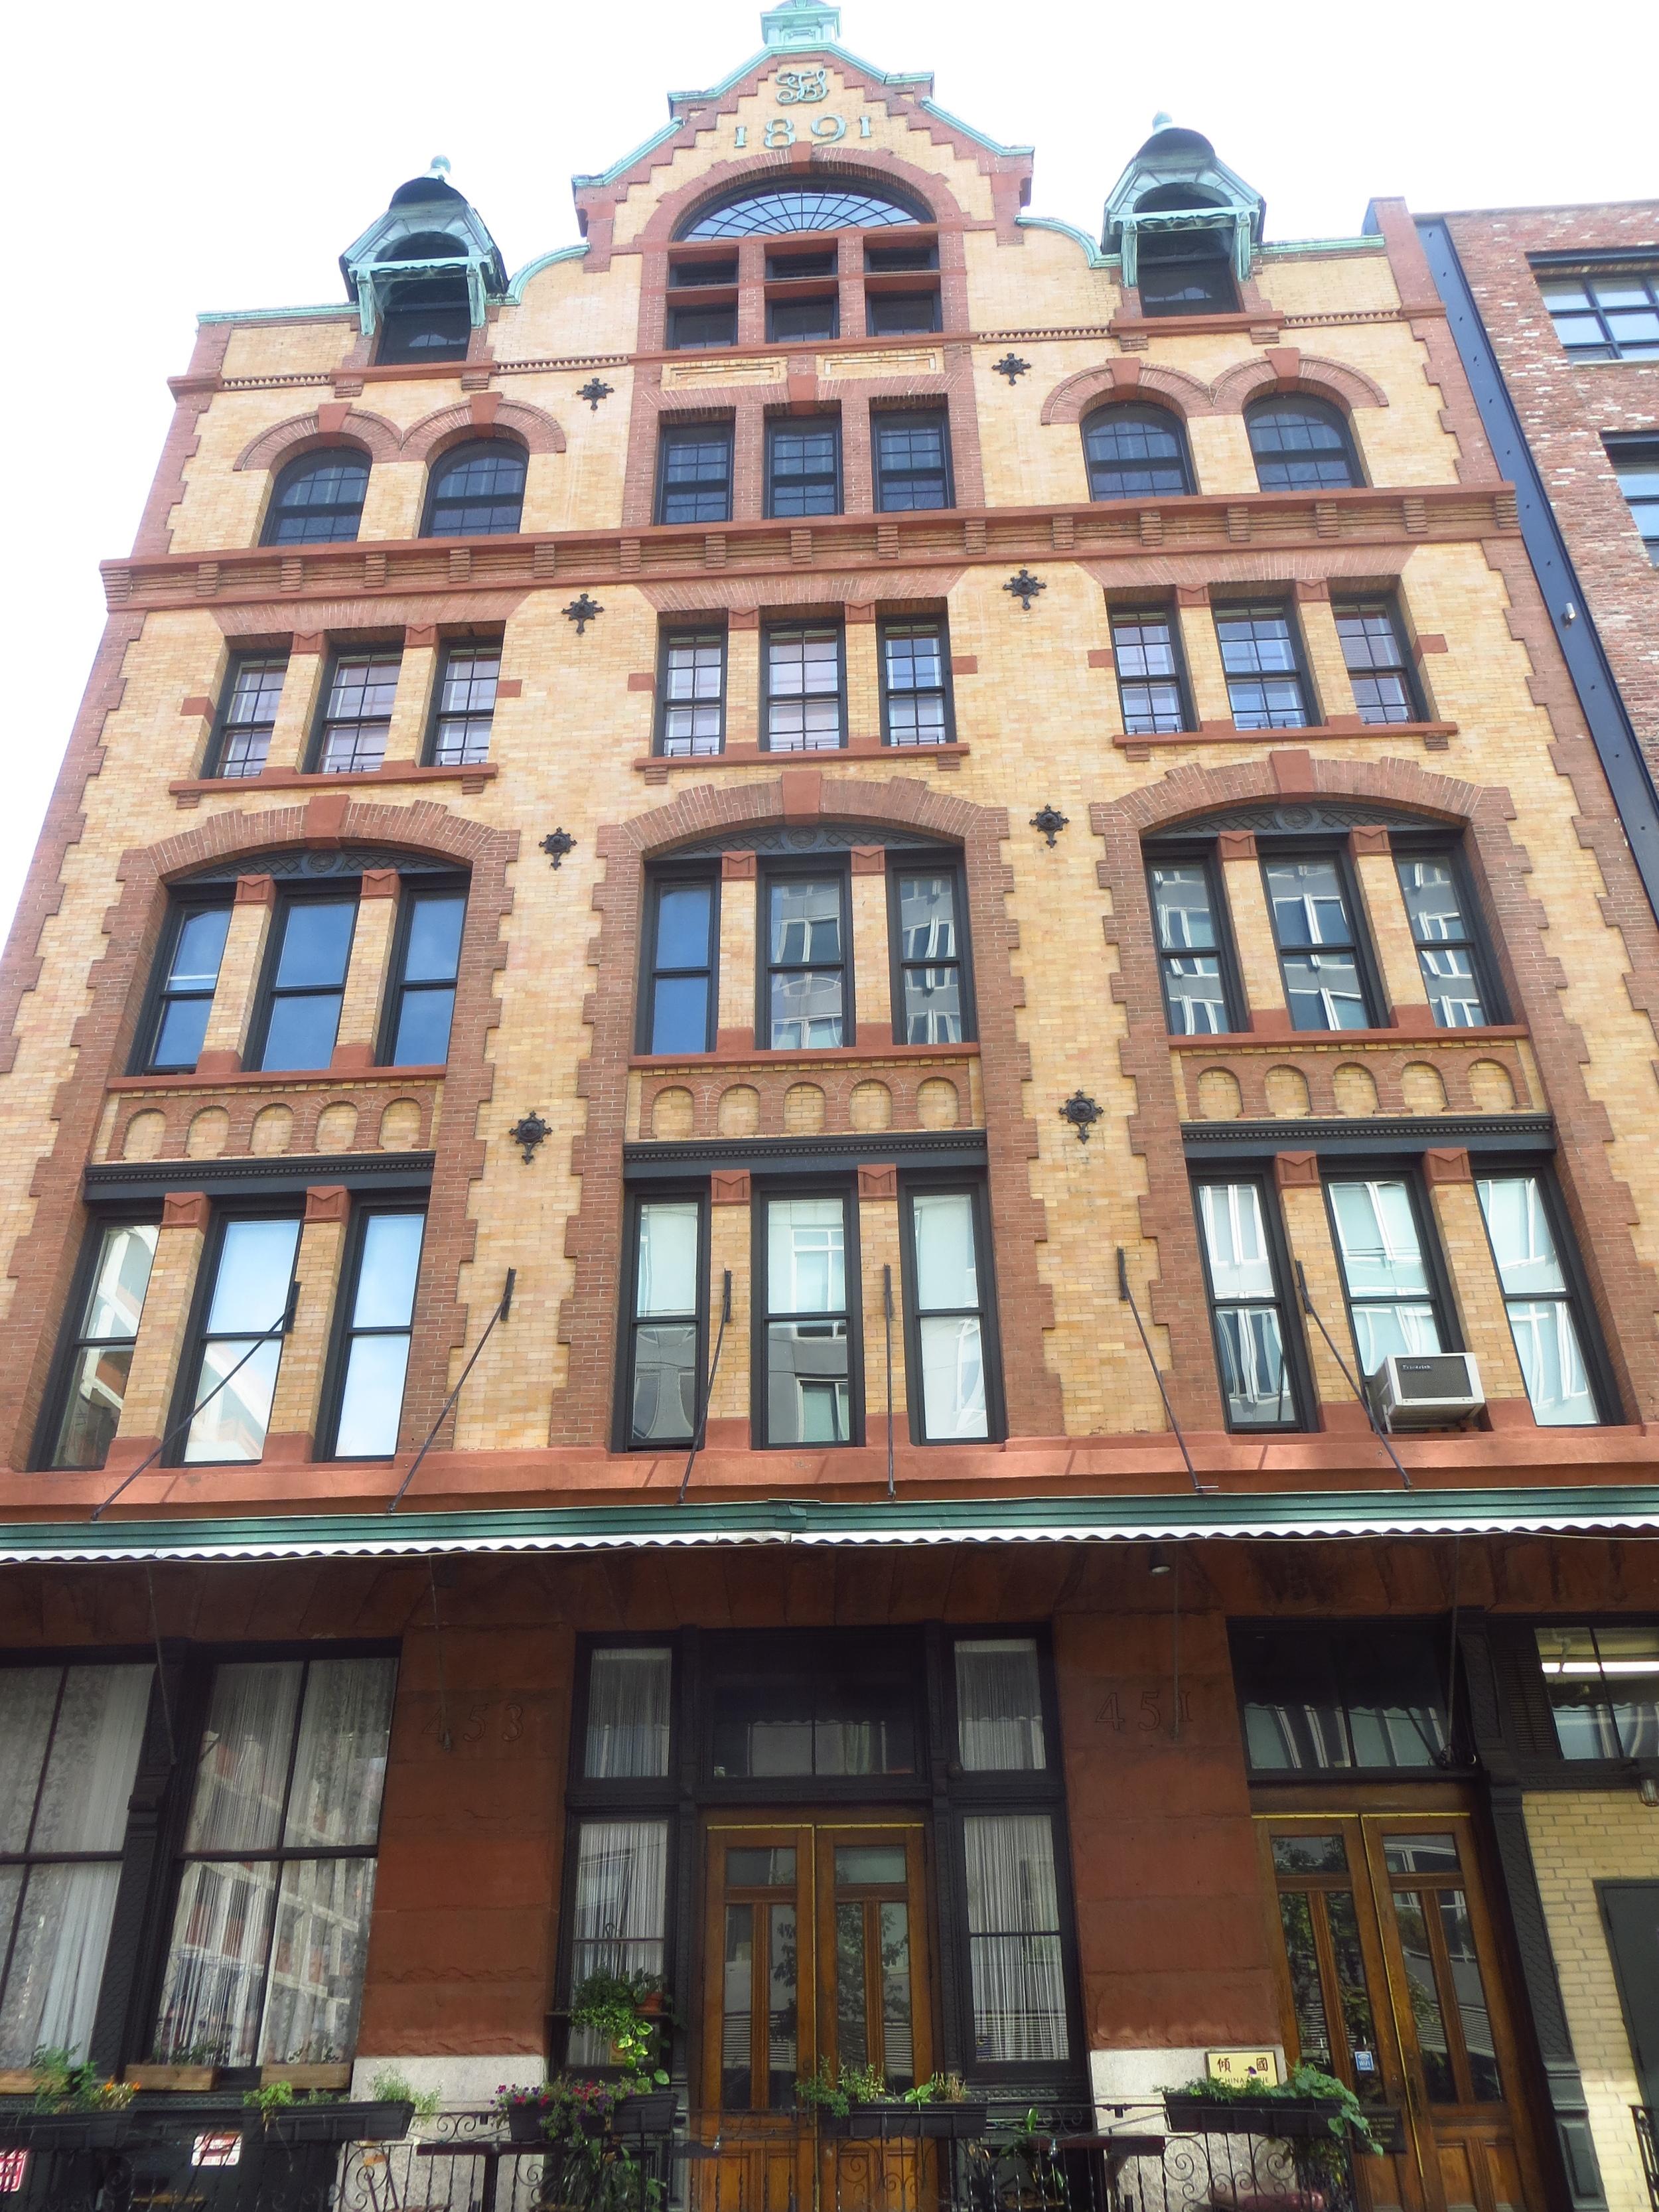 Cool building on Desbrosses St.